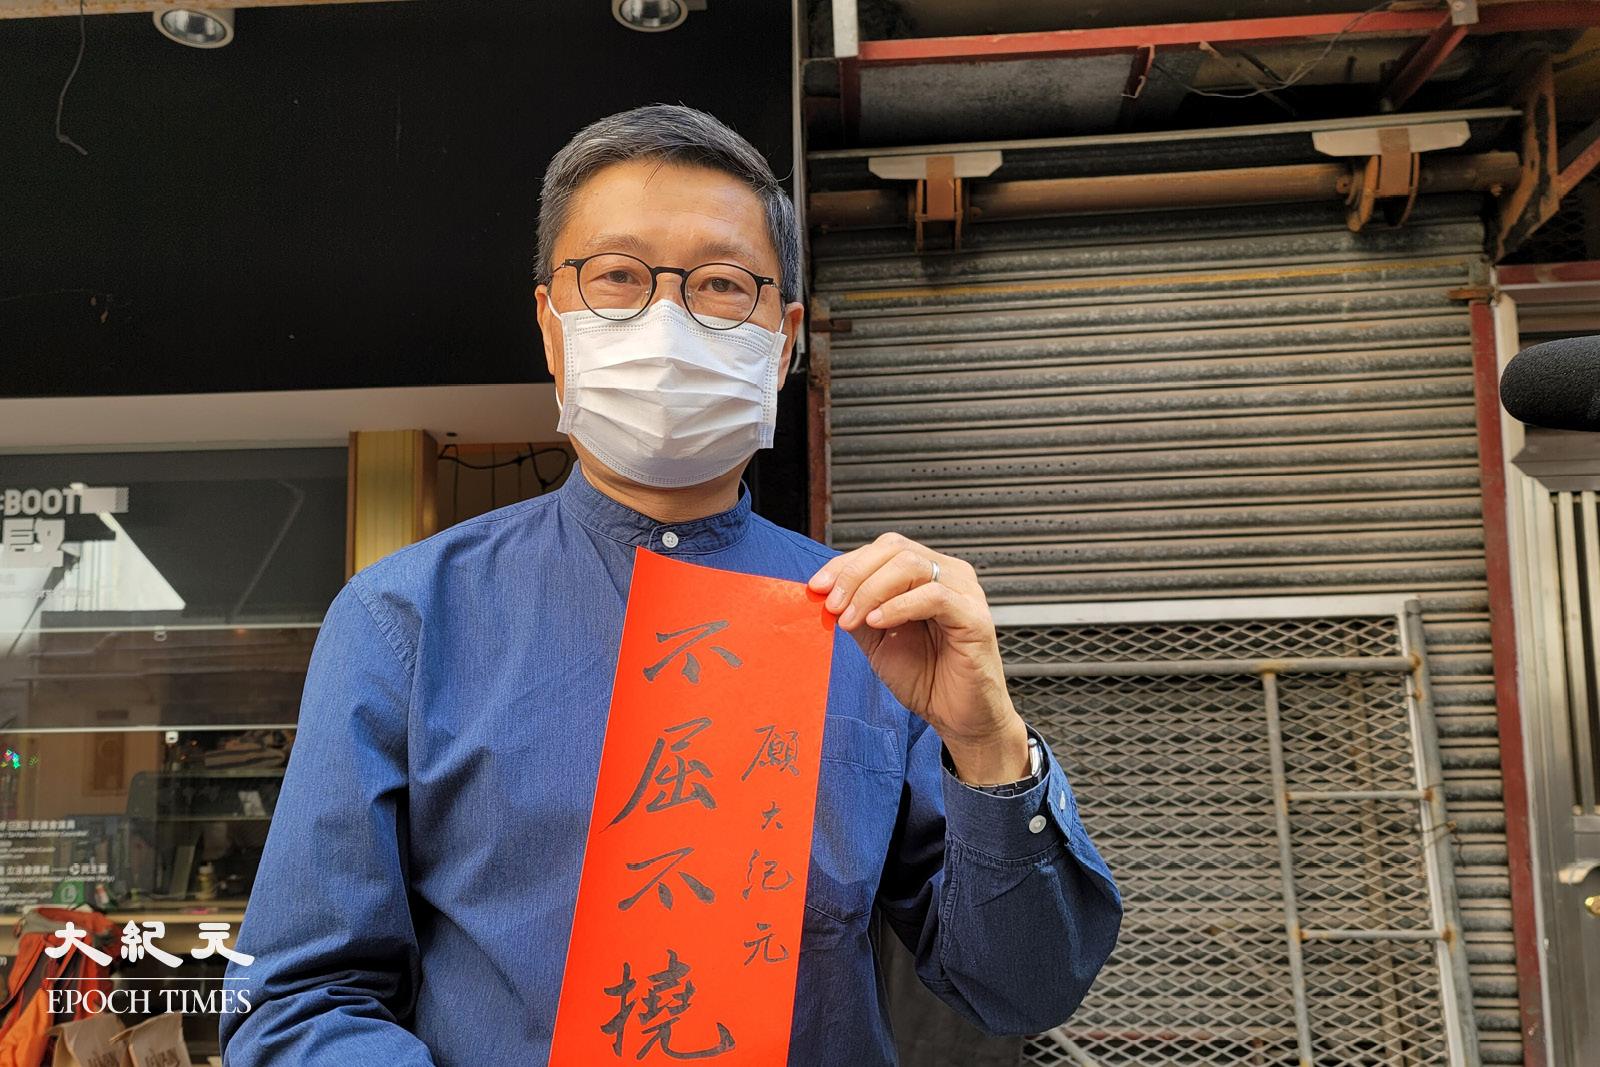 2月7日,佔中三子之一、前香港中文大學社會學系副教授陳健民為大紀元題寫揮春:「願大紀元不屈不撓」。(宵龍/大紀元)